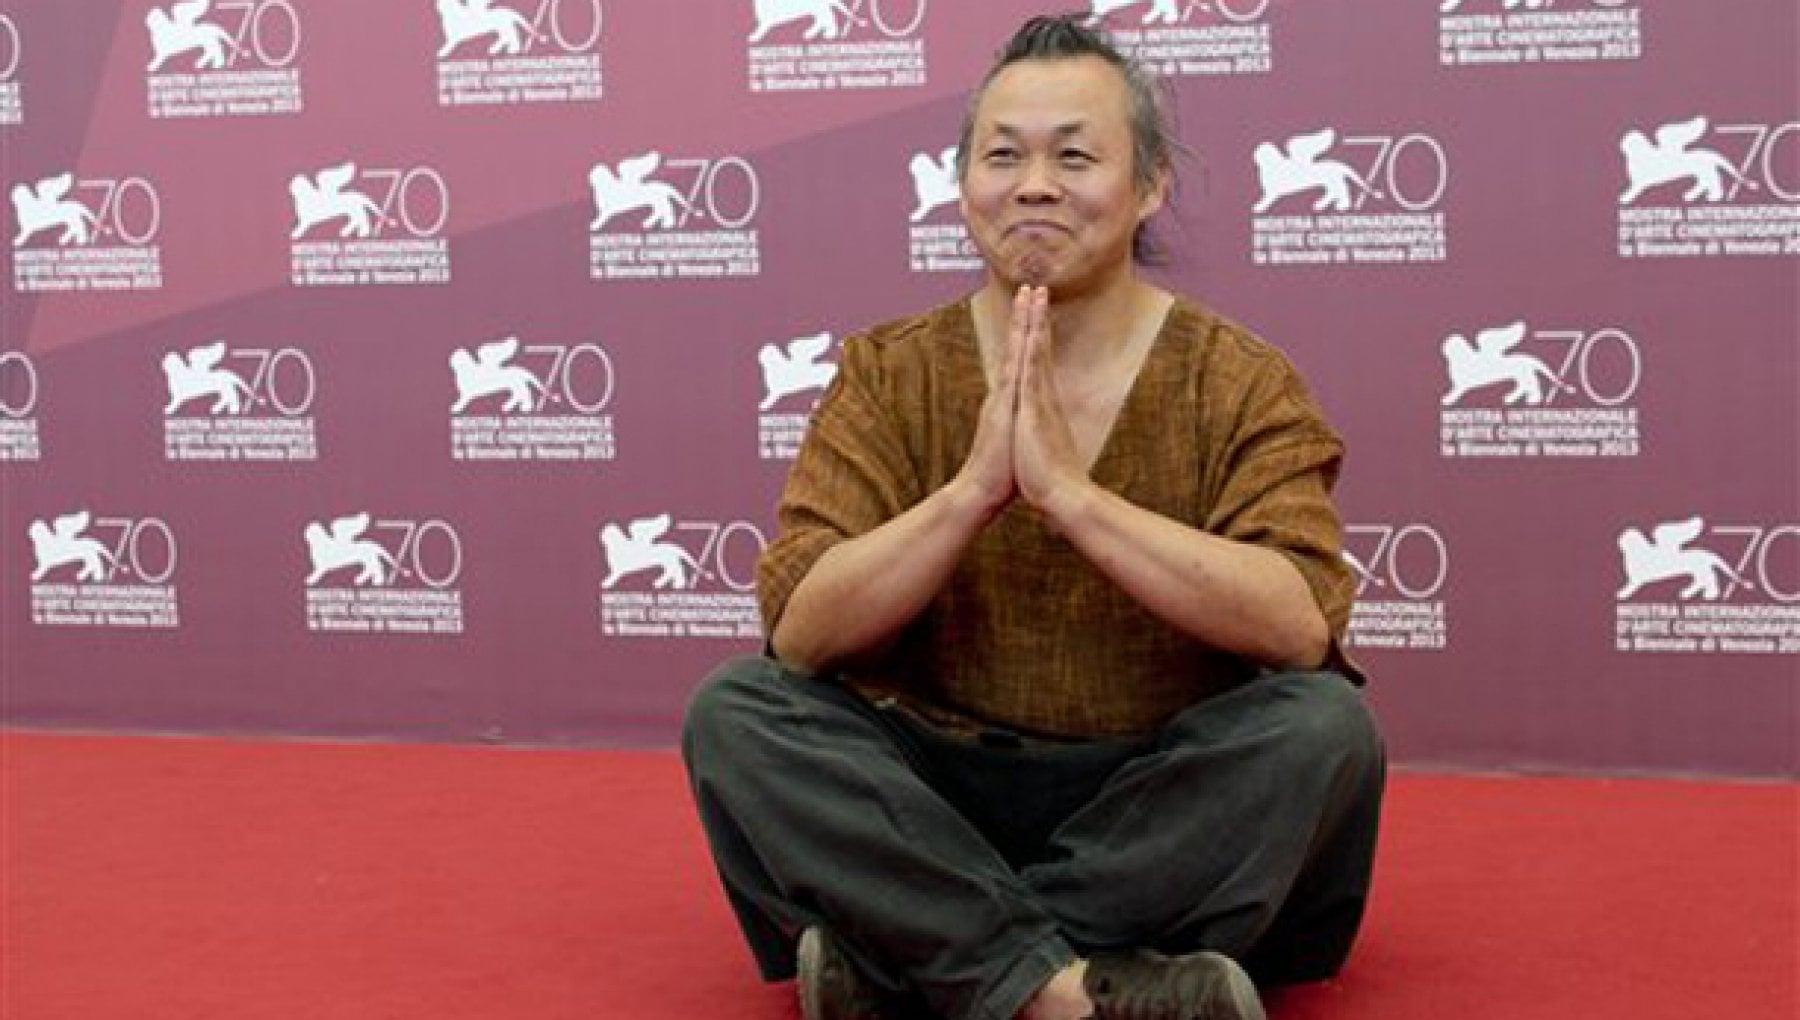 E morto Kim Ki duk regista di Lisola e Ferro 3 per complicazioni da Covid19